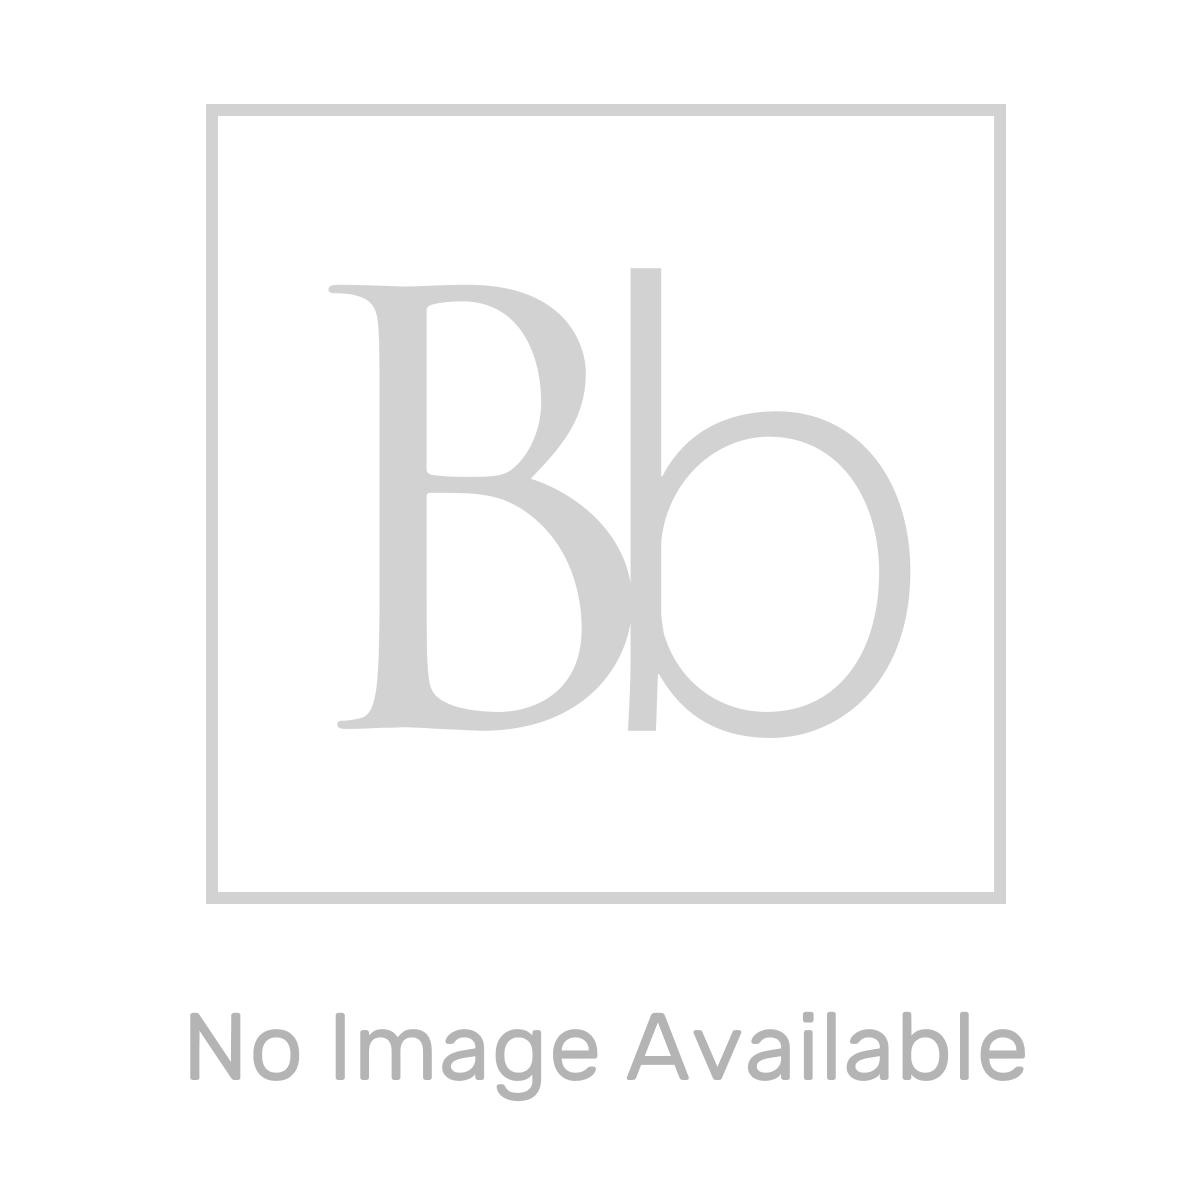 Tavistock Millennium Beech Wood Veneer Toilet Seat